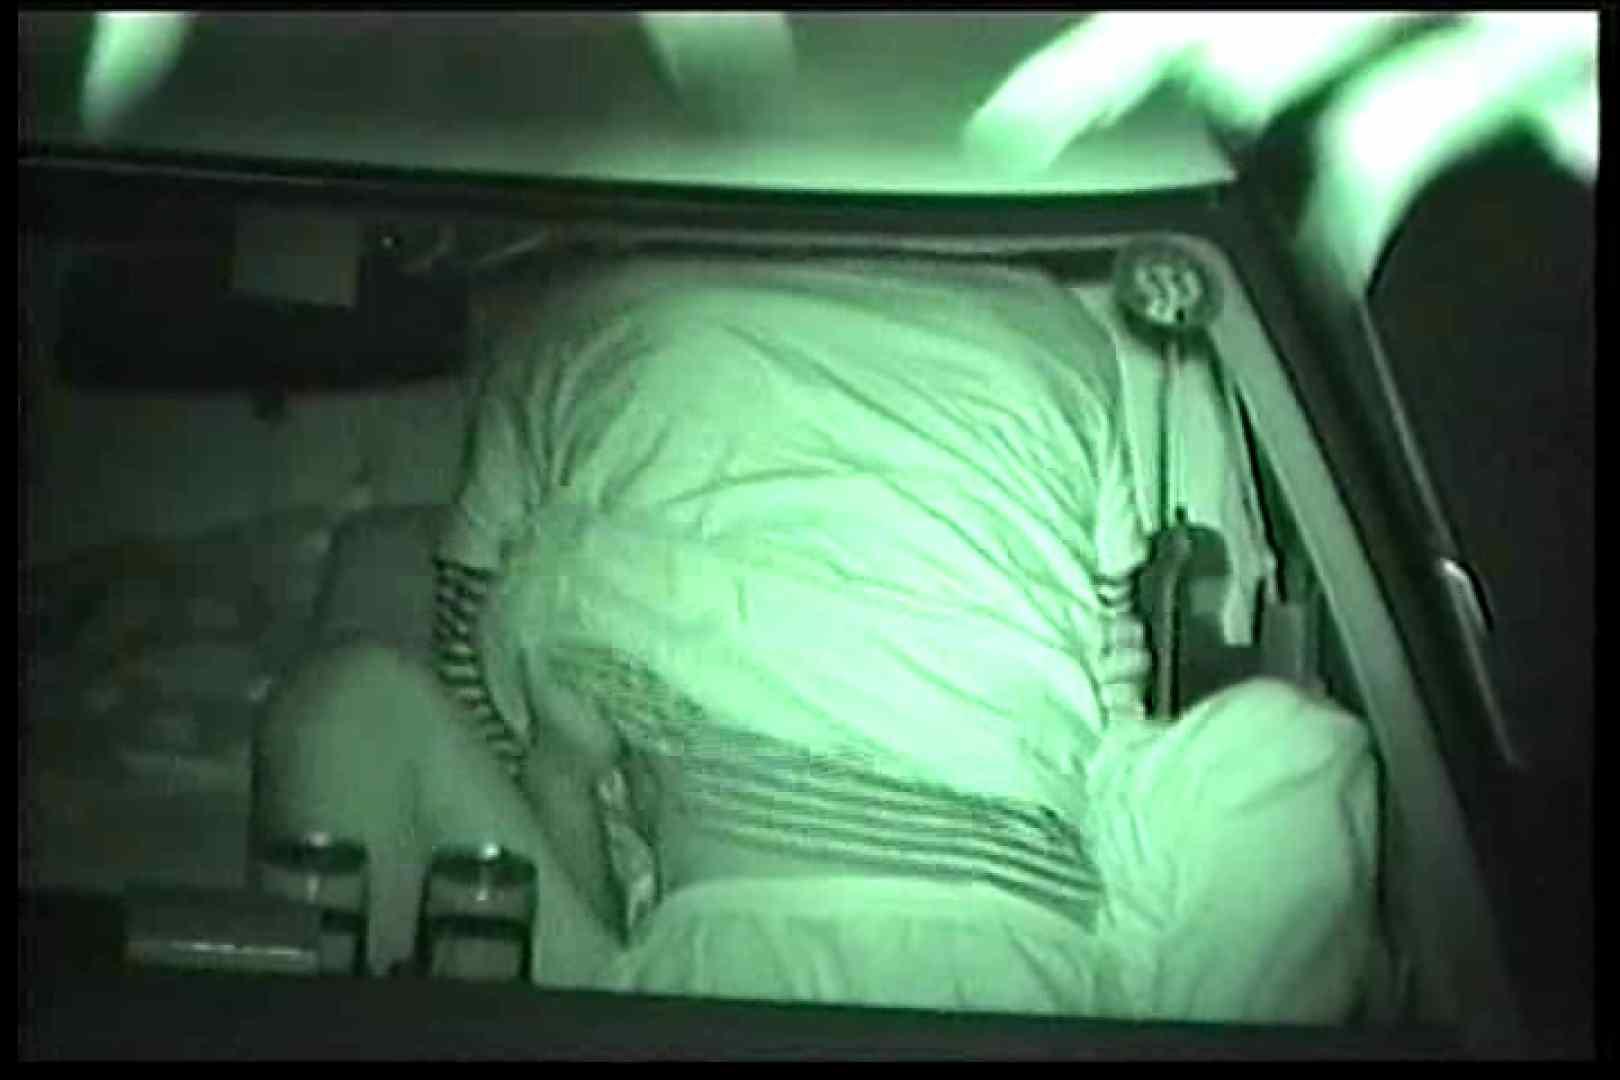 車の中はラブホテル 無修正版  Vol.11 すけべなカップル  86画像 8